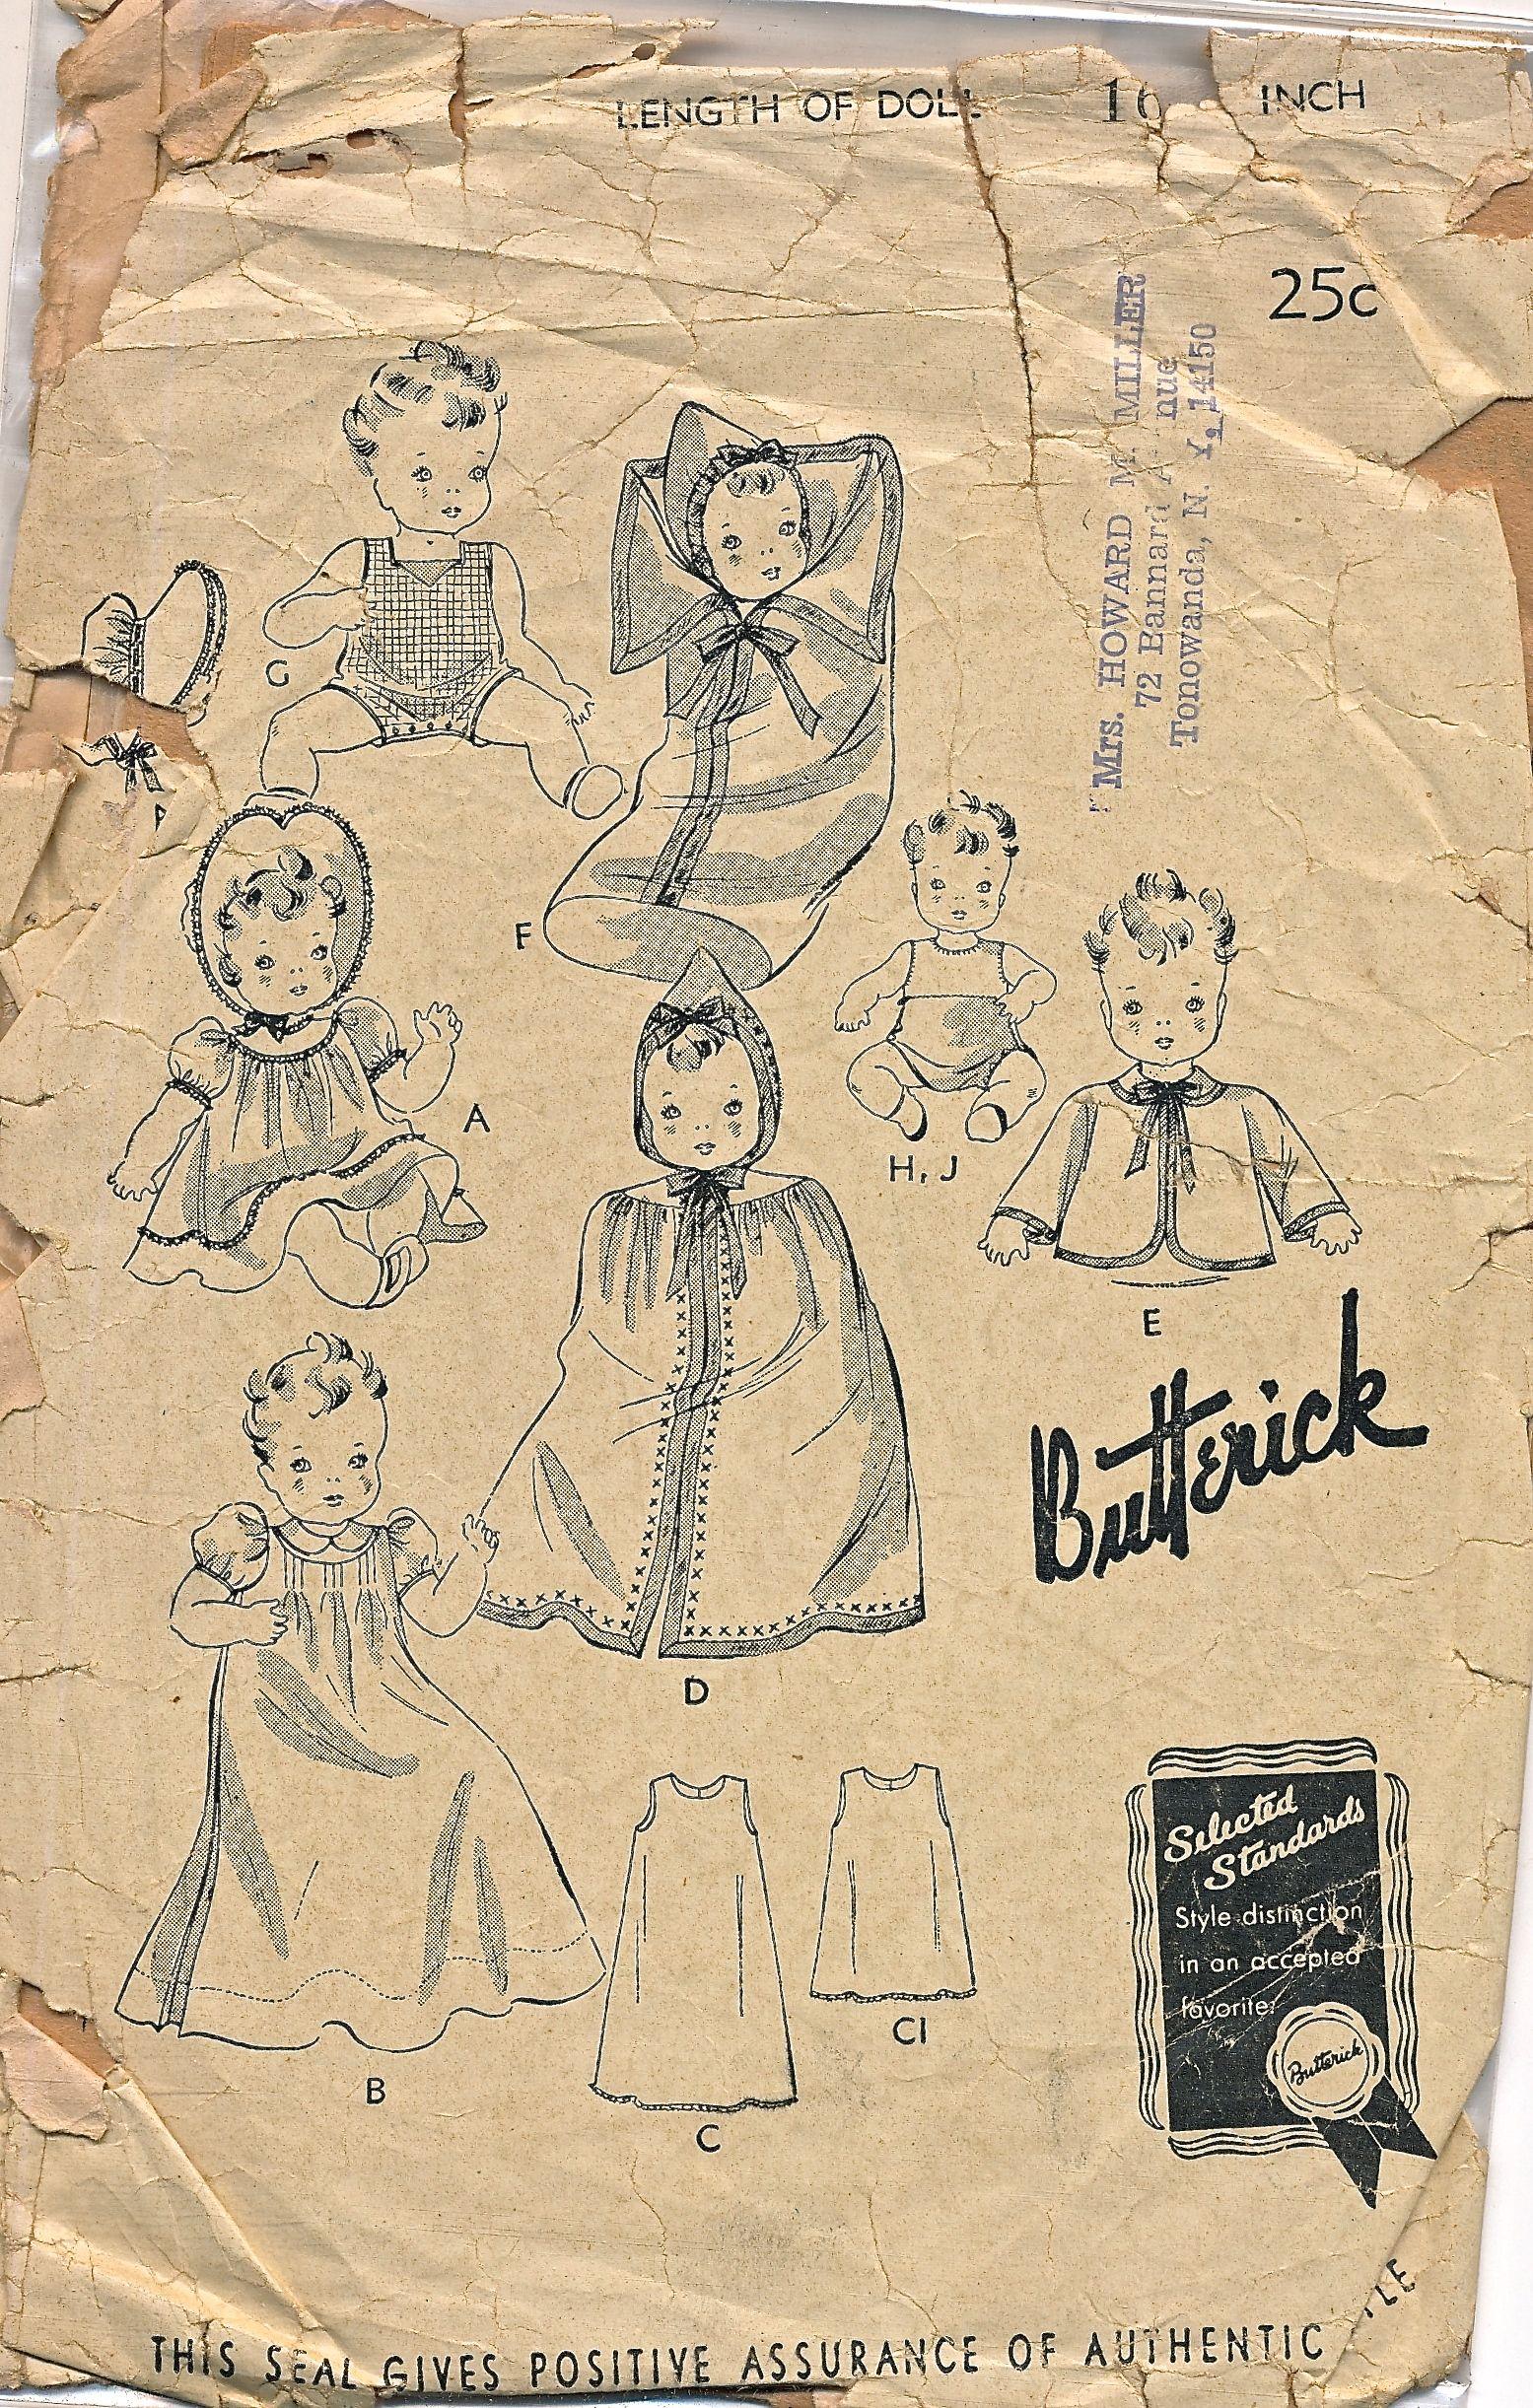 Butterick 455 A